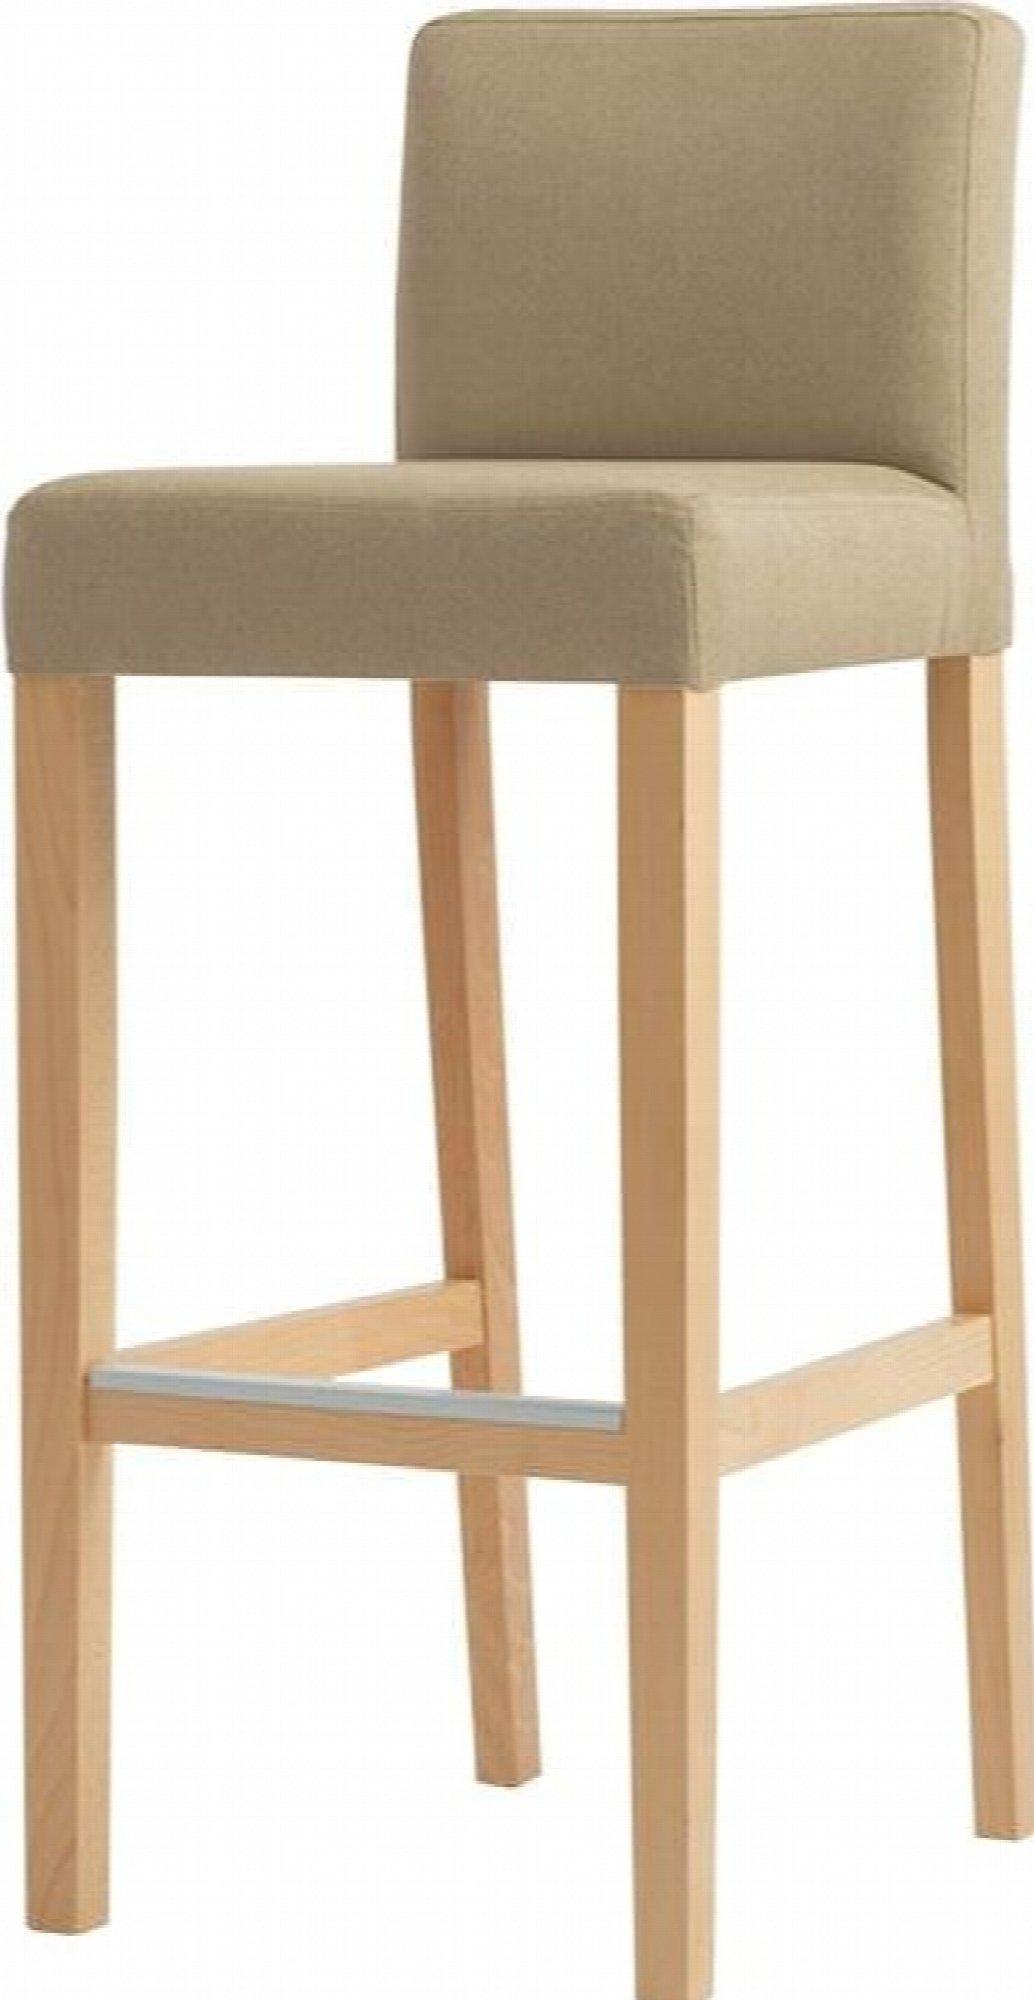 maison du monde Chaise de bar tissu rembourrée beige pieds bois massif clair